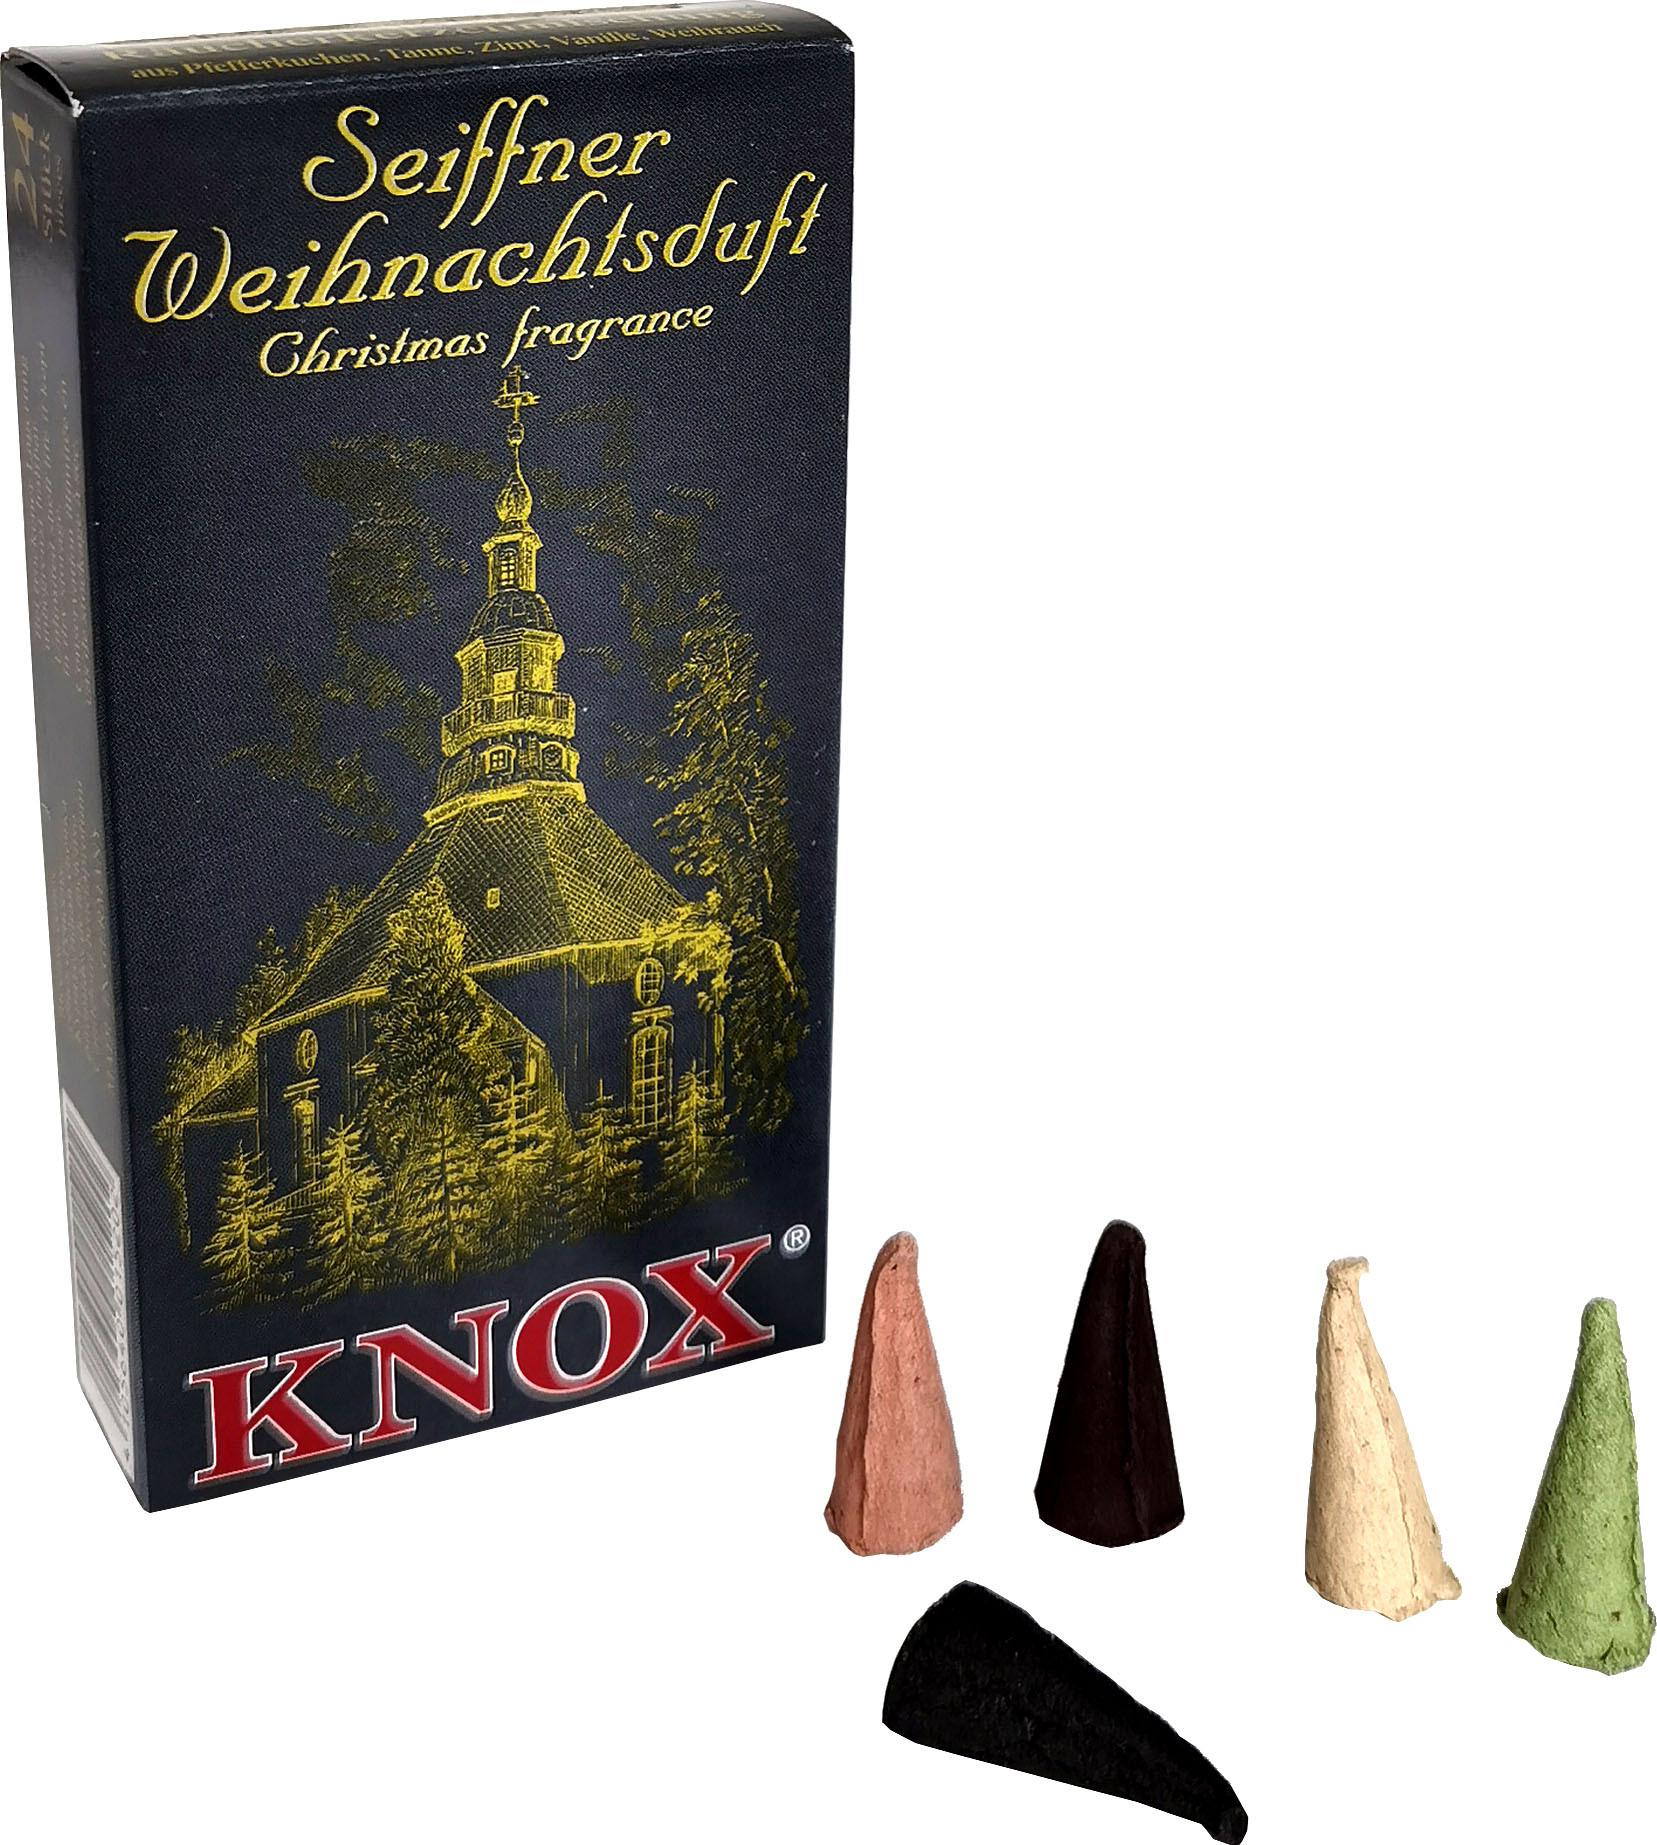 KNOX Räucherkerzen - Städteduft - Seiffner Weihnachtsduft